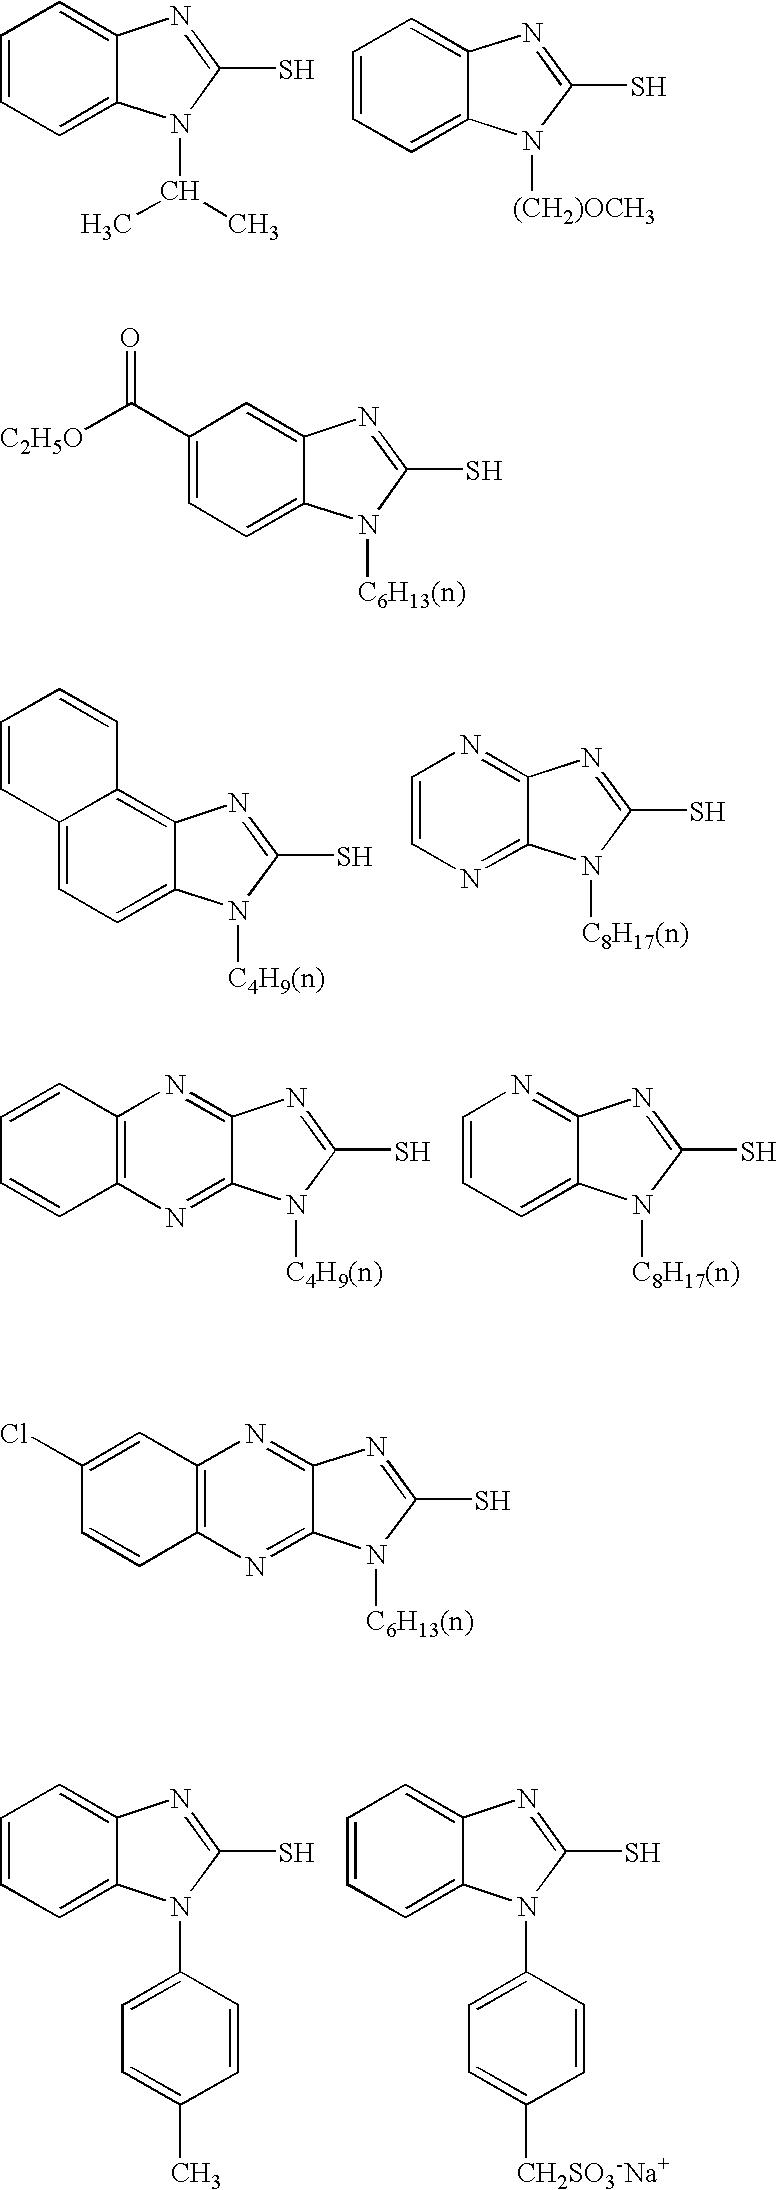 Figure US20070212641A1-20070913-C00181